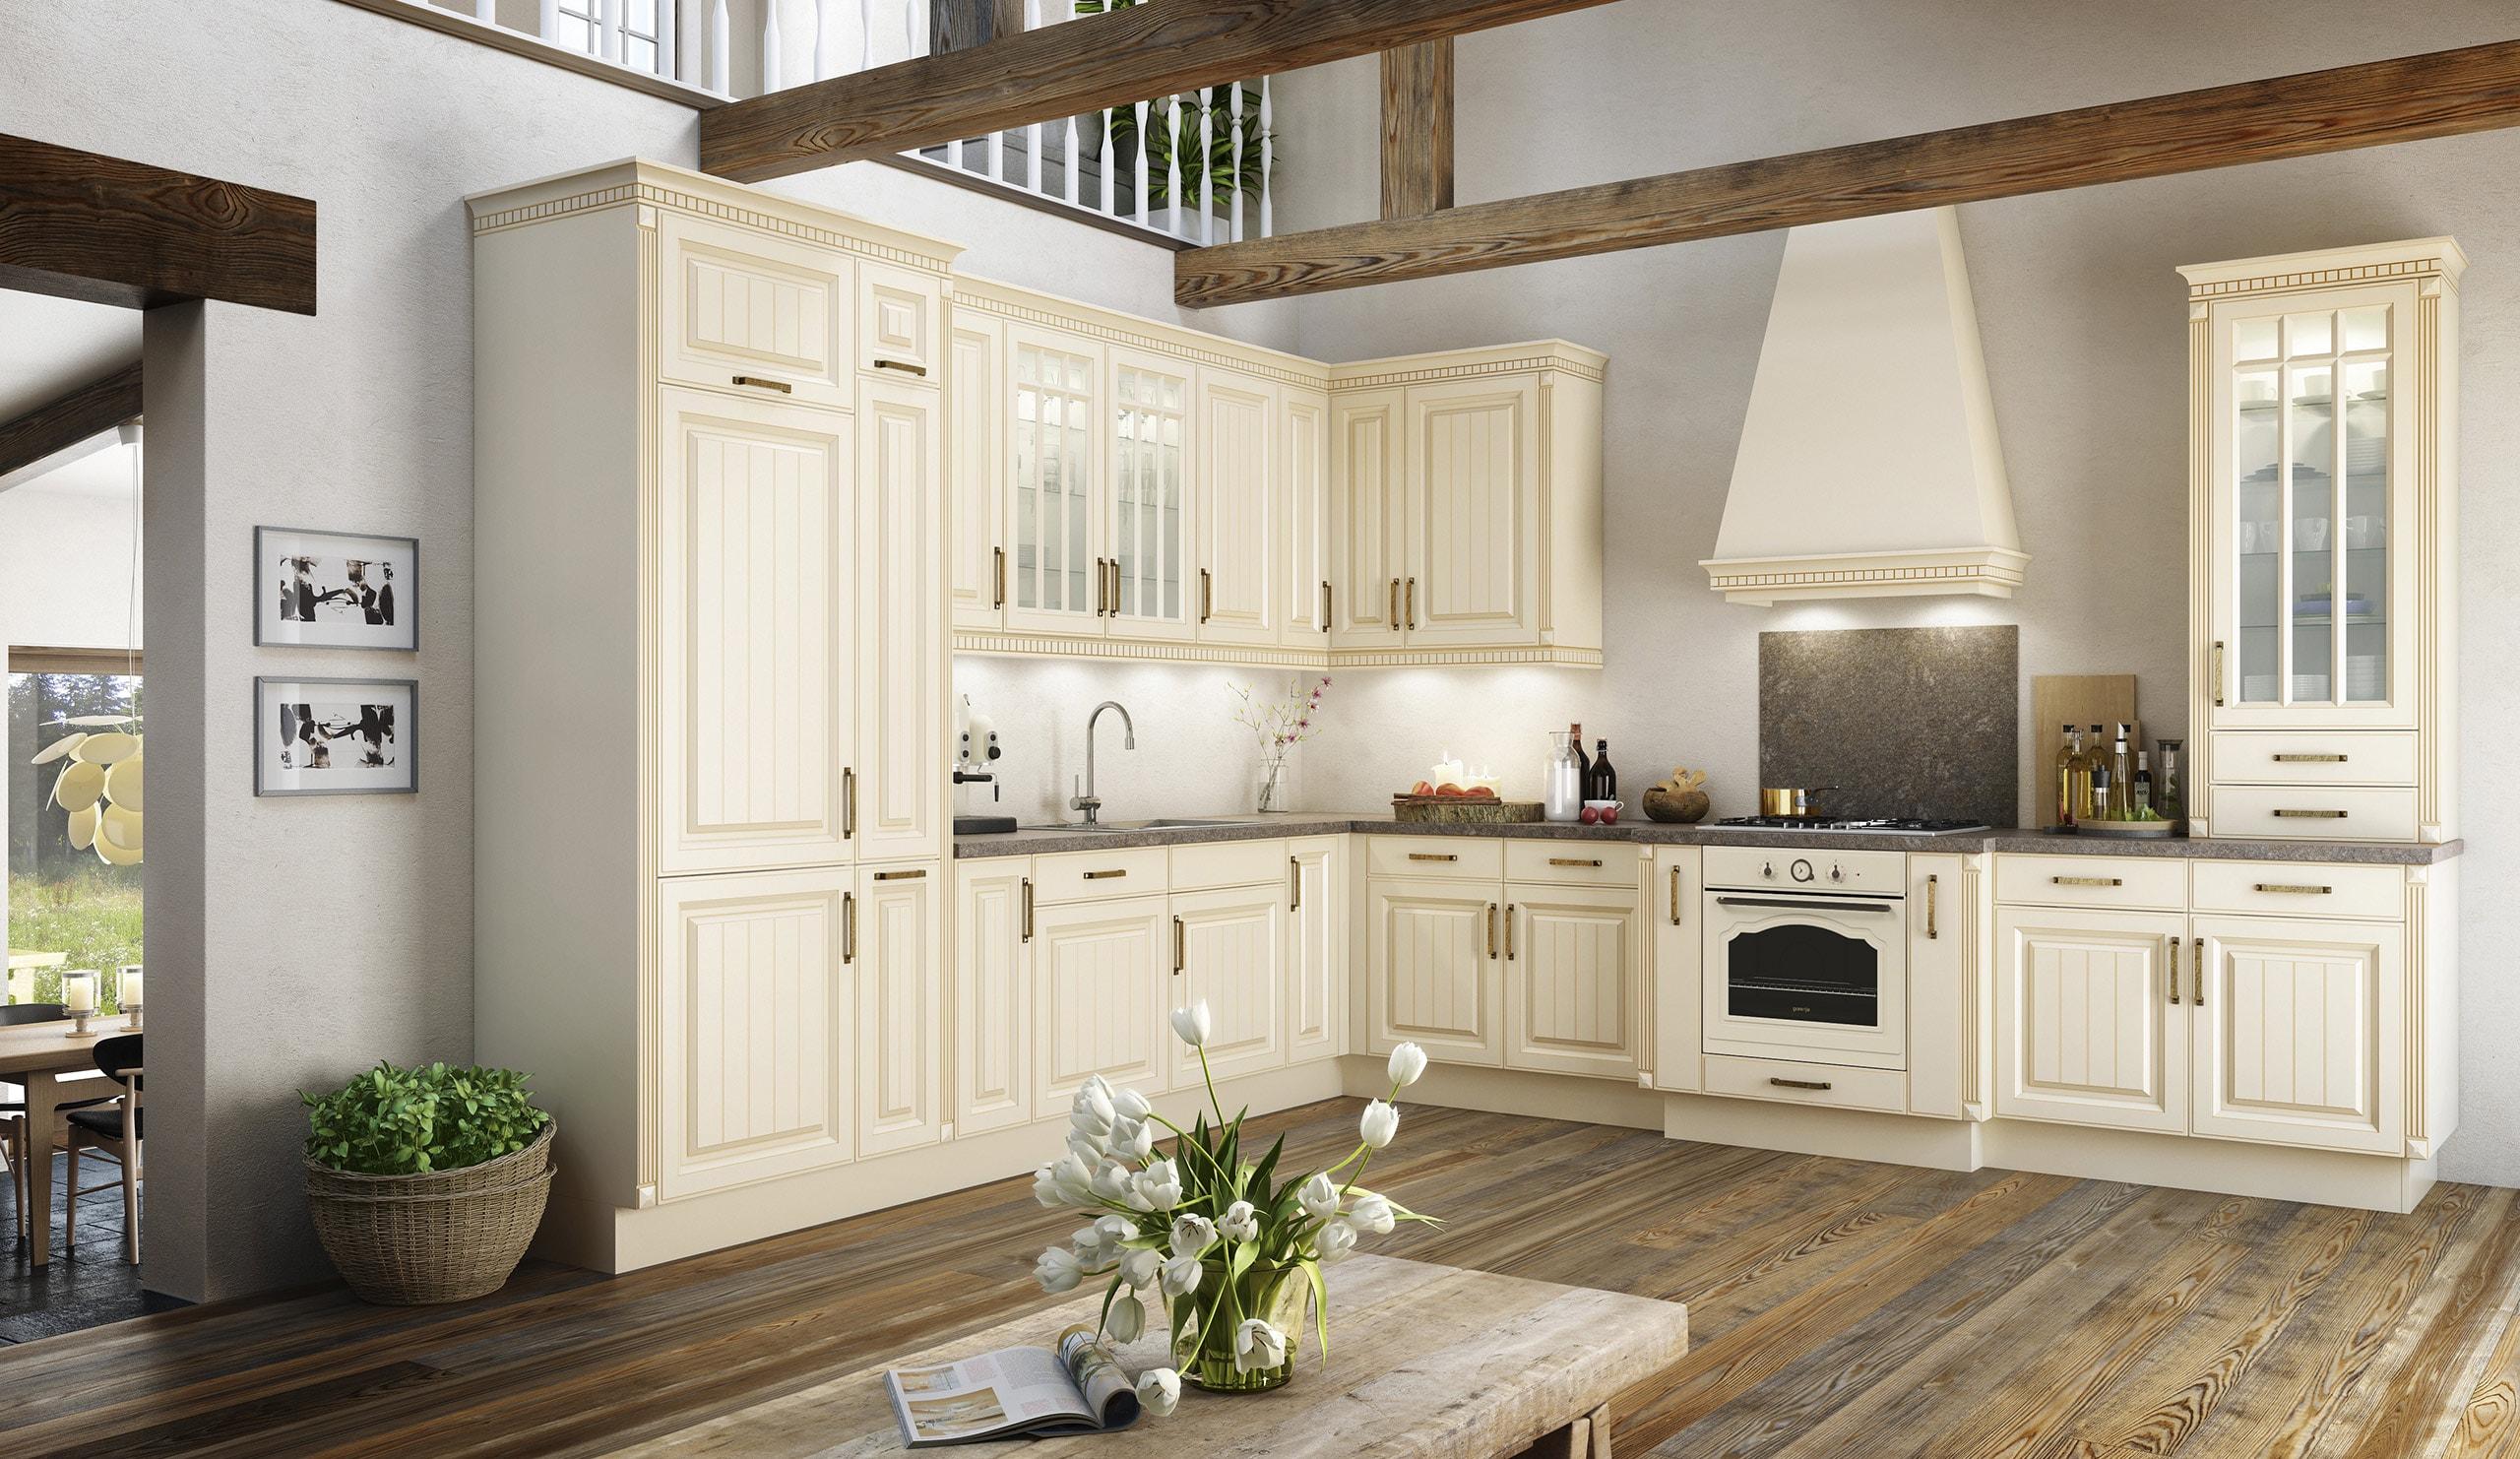 Full Size of Landhaus Einbaukche Bavaria 5444 Sahara Kchenquelle Küchen Regal Wohnzimmer Küchen Quelle